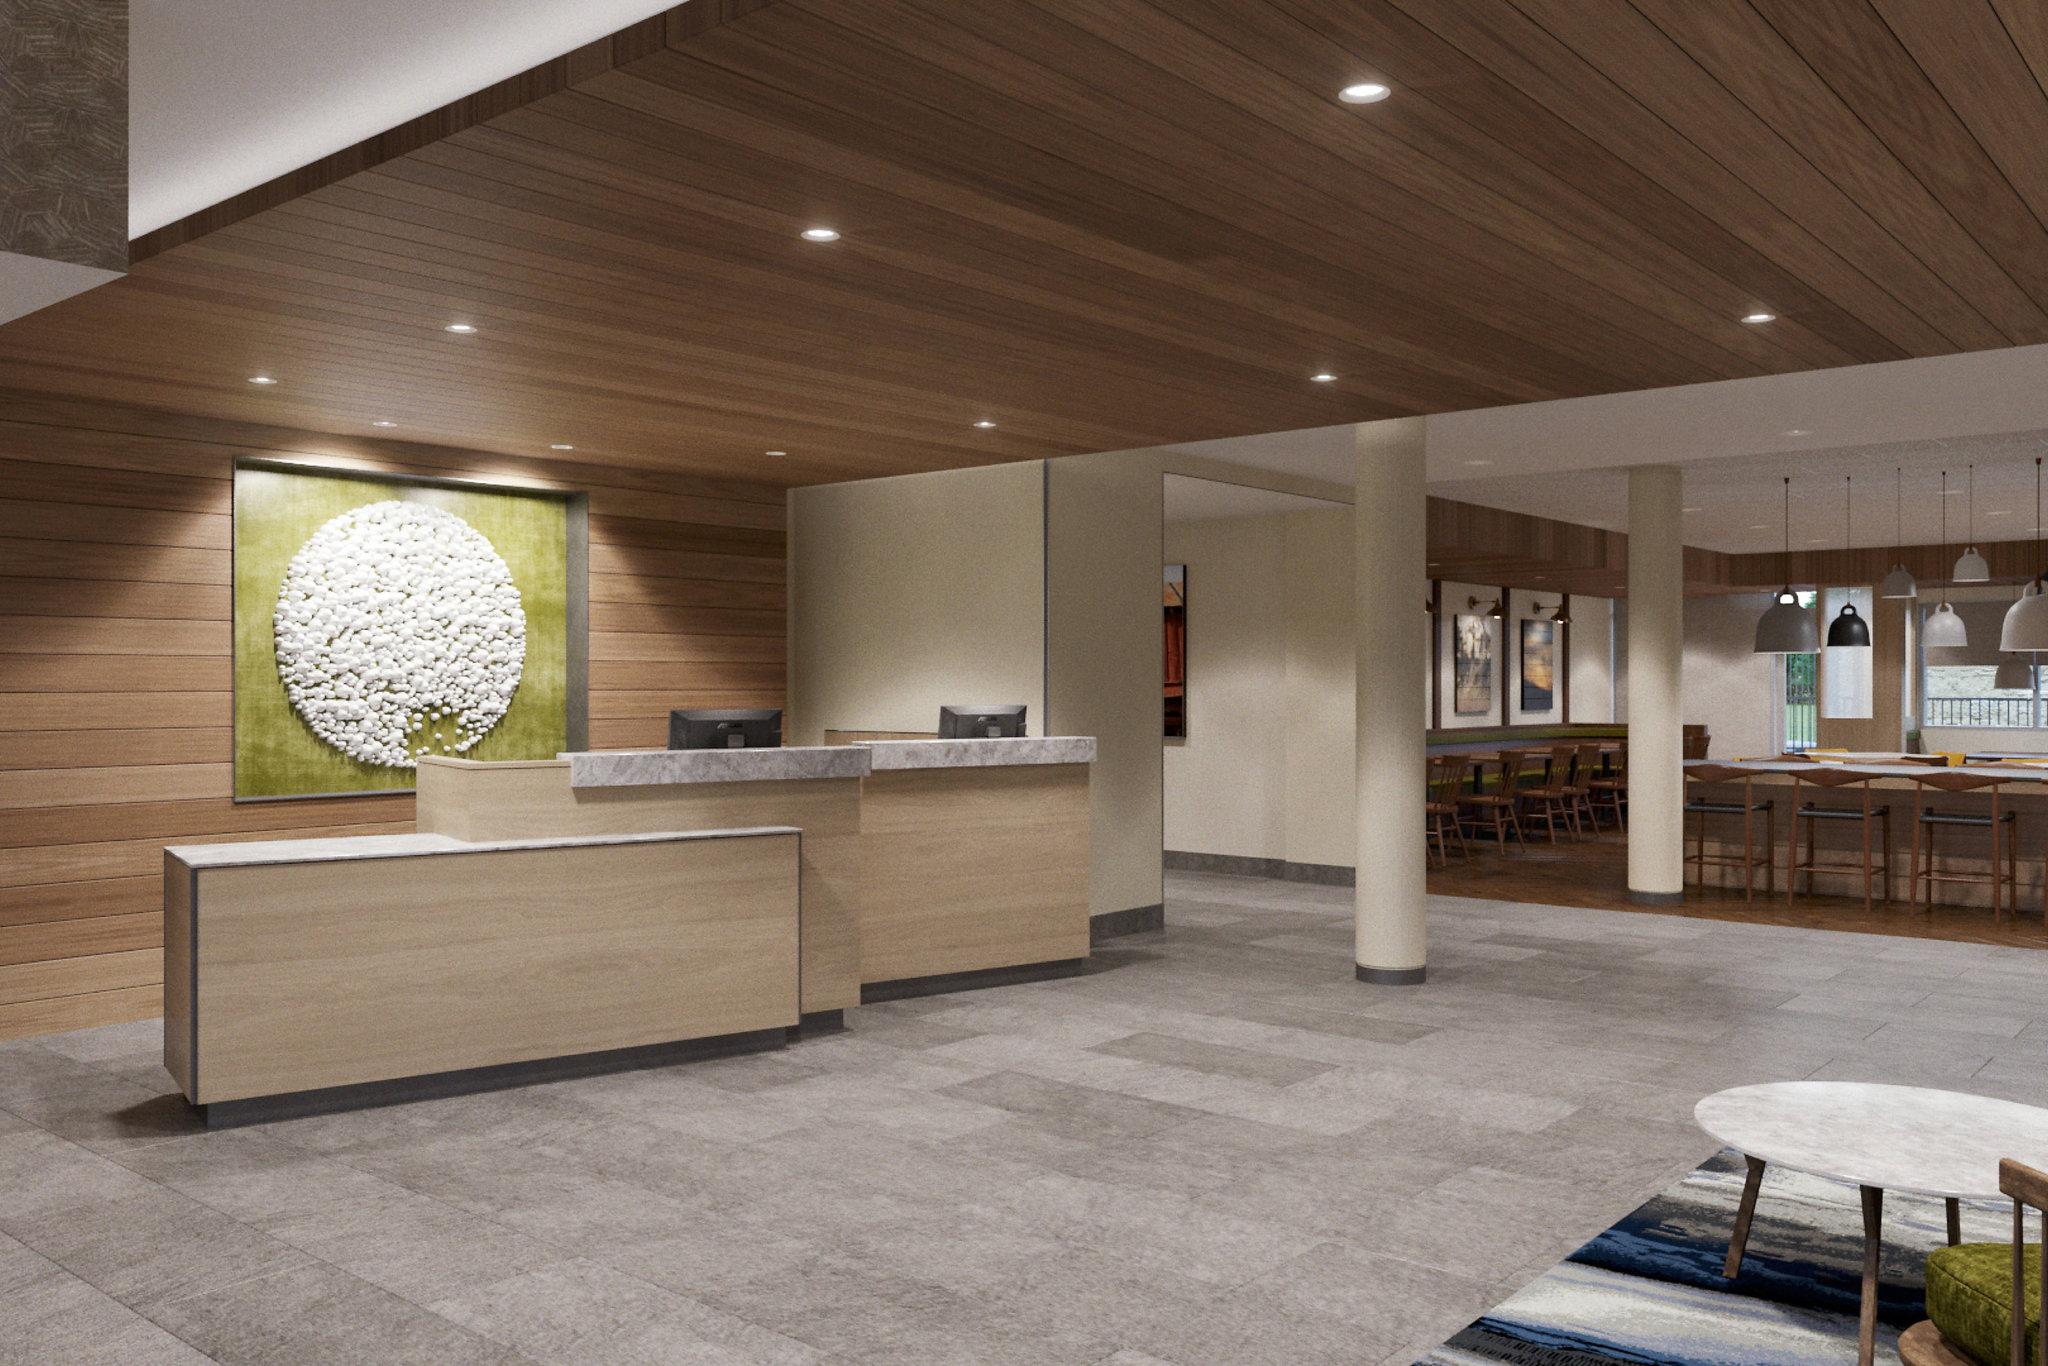 Fairfield Inn & Suites Salina